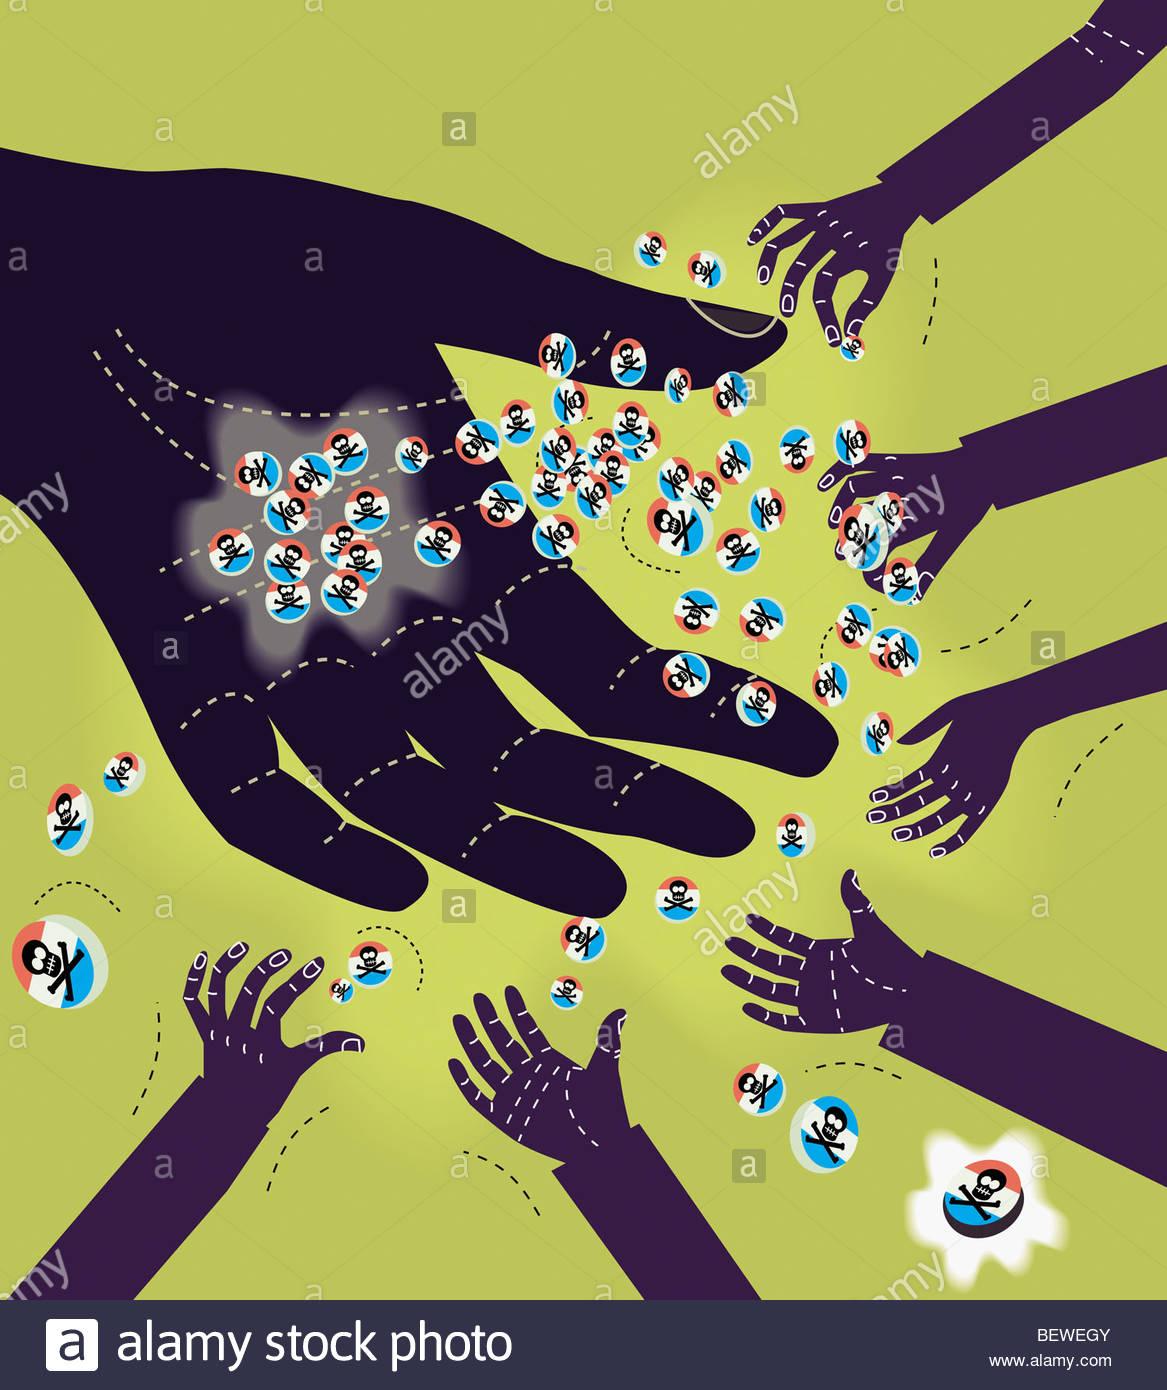 Grande offerta di mano pillole di veleno per mani piccole Immagini Stock